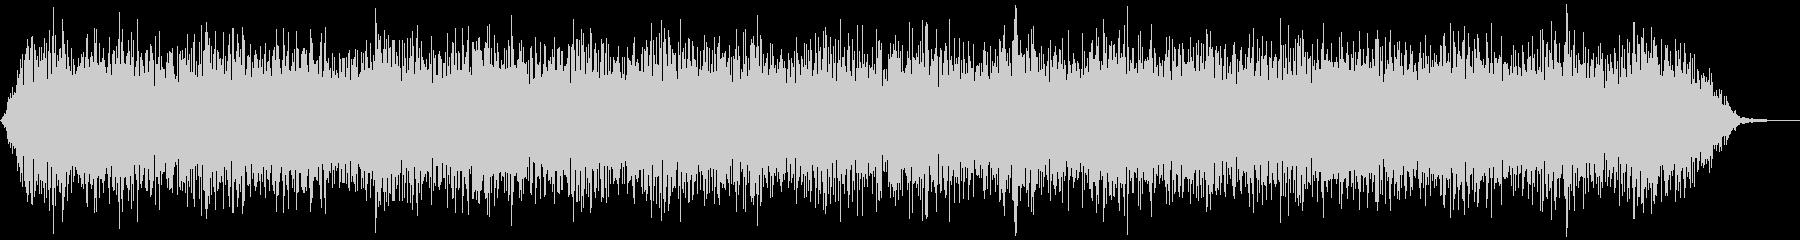 【アンビエント】ドローン_41 実験音の未再生の波形